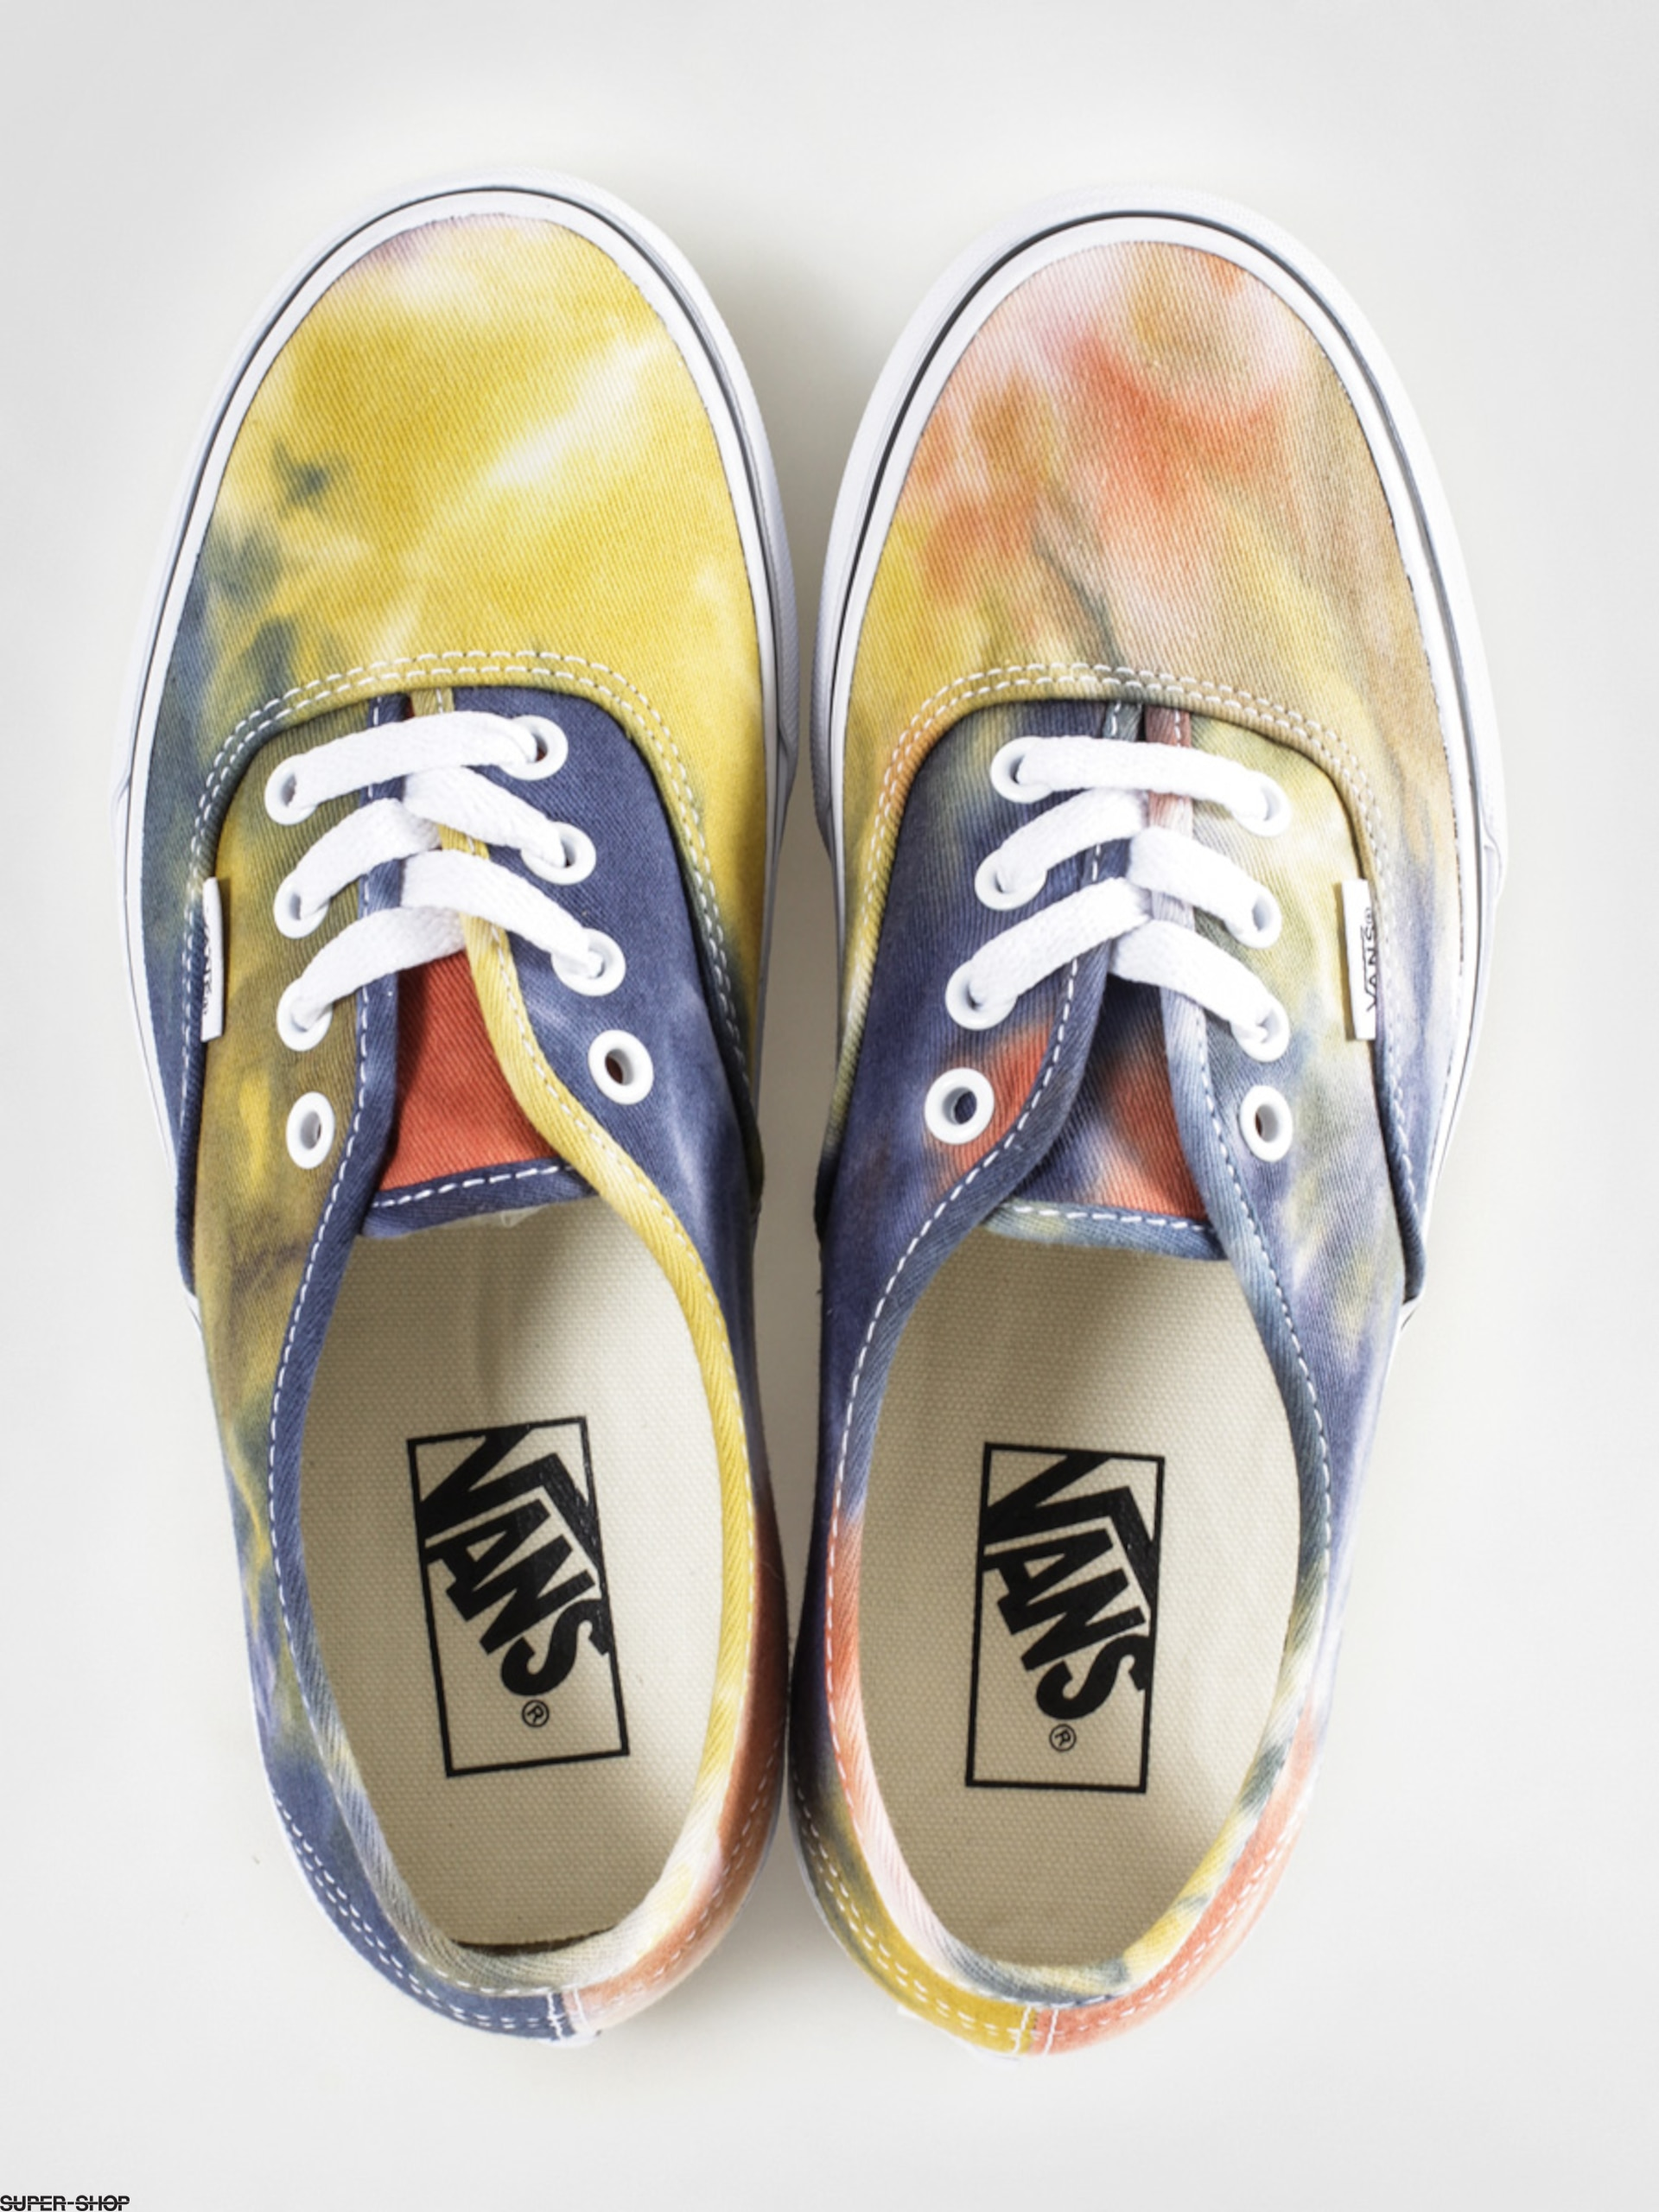 c25d0e6c21dceb Vans Shoes Authentic (tie dye navy burnt orange)